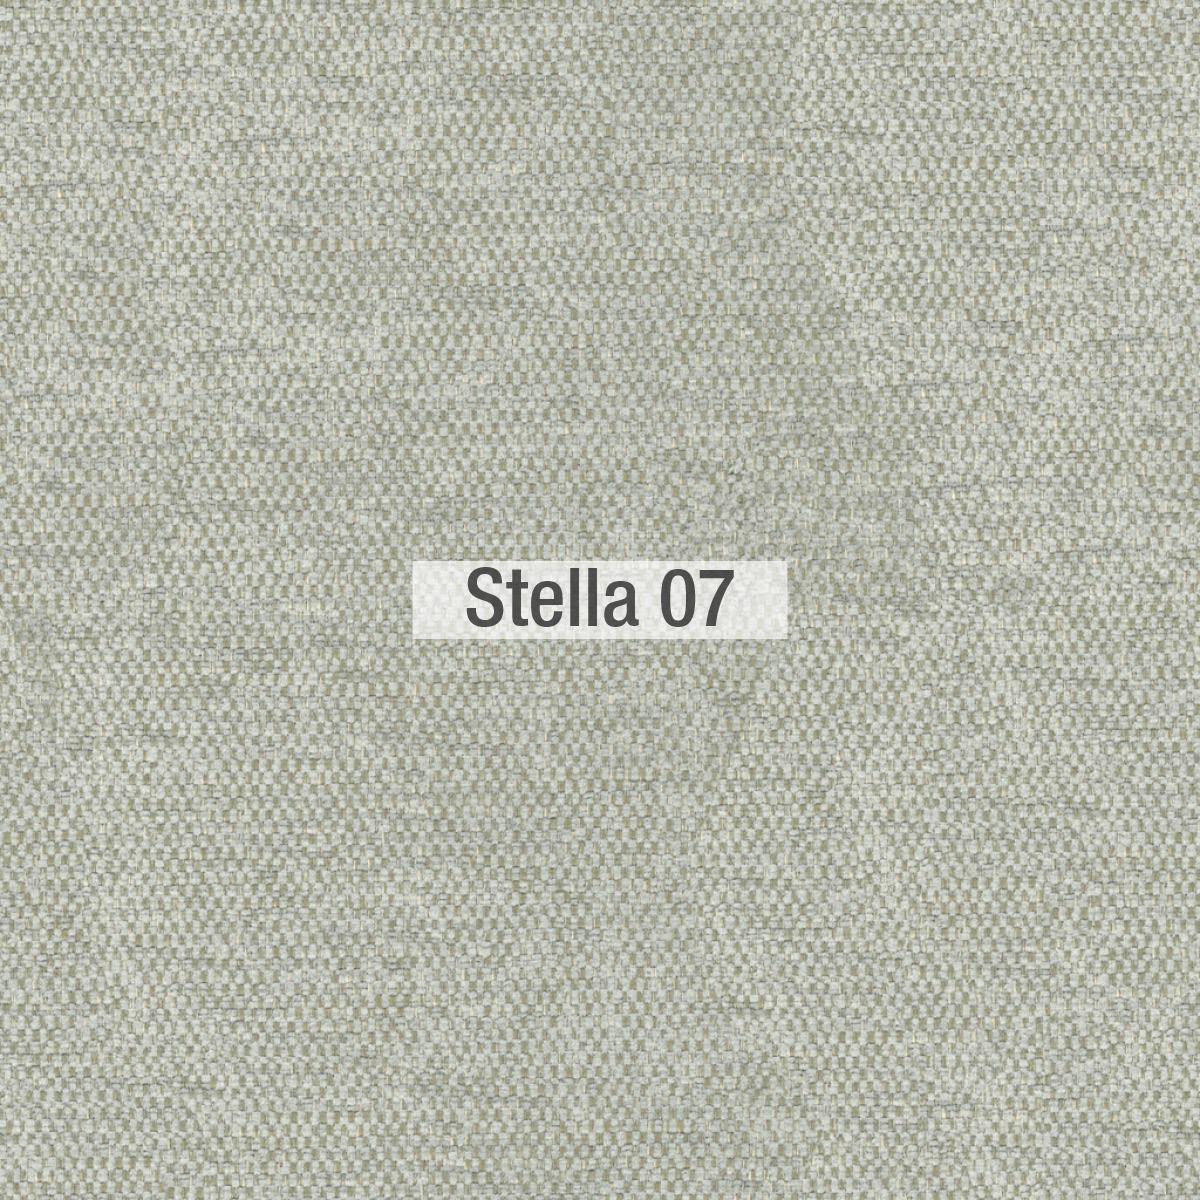 Colores Stella-Dots tela Fama 2020 01